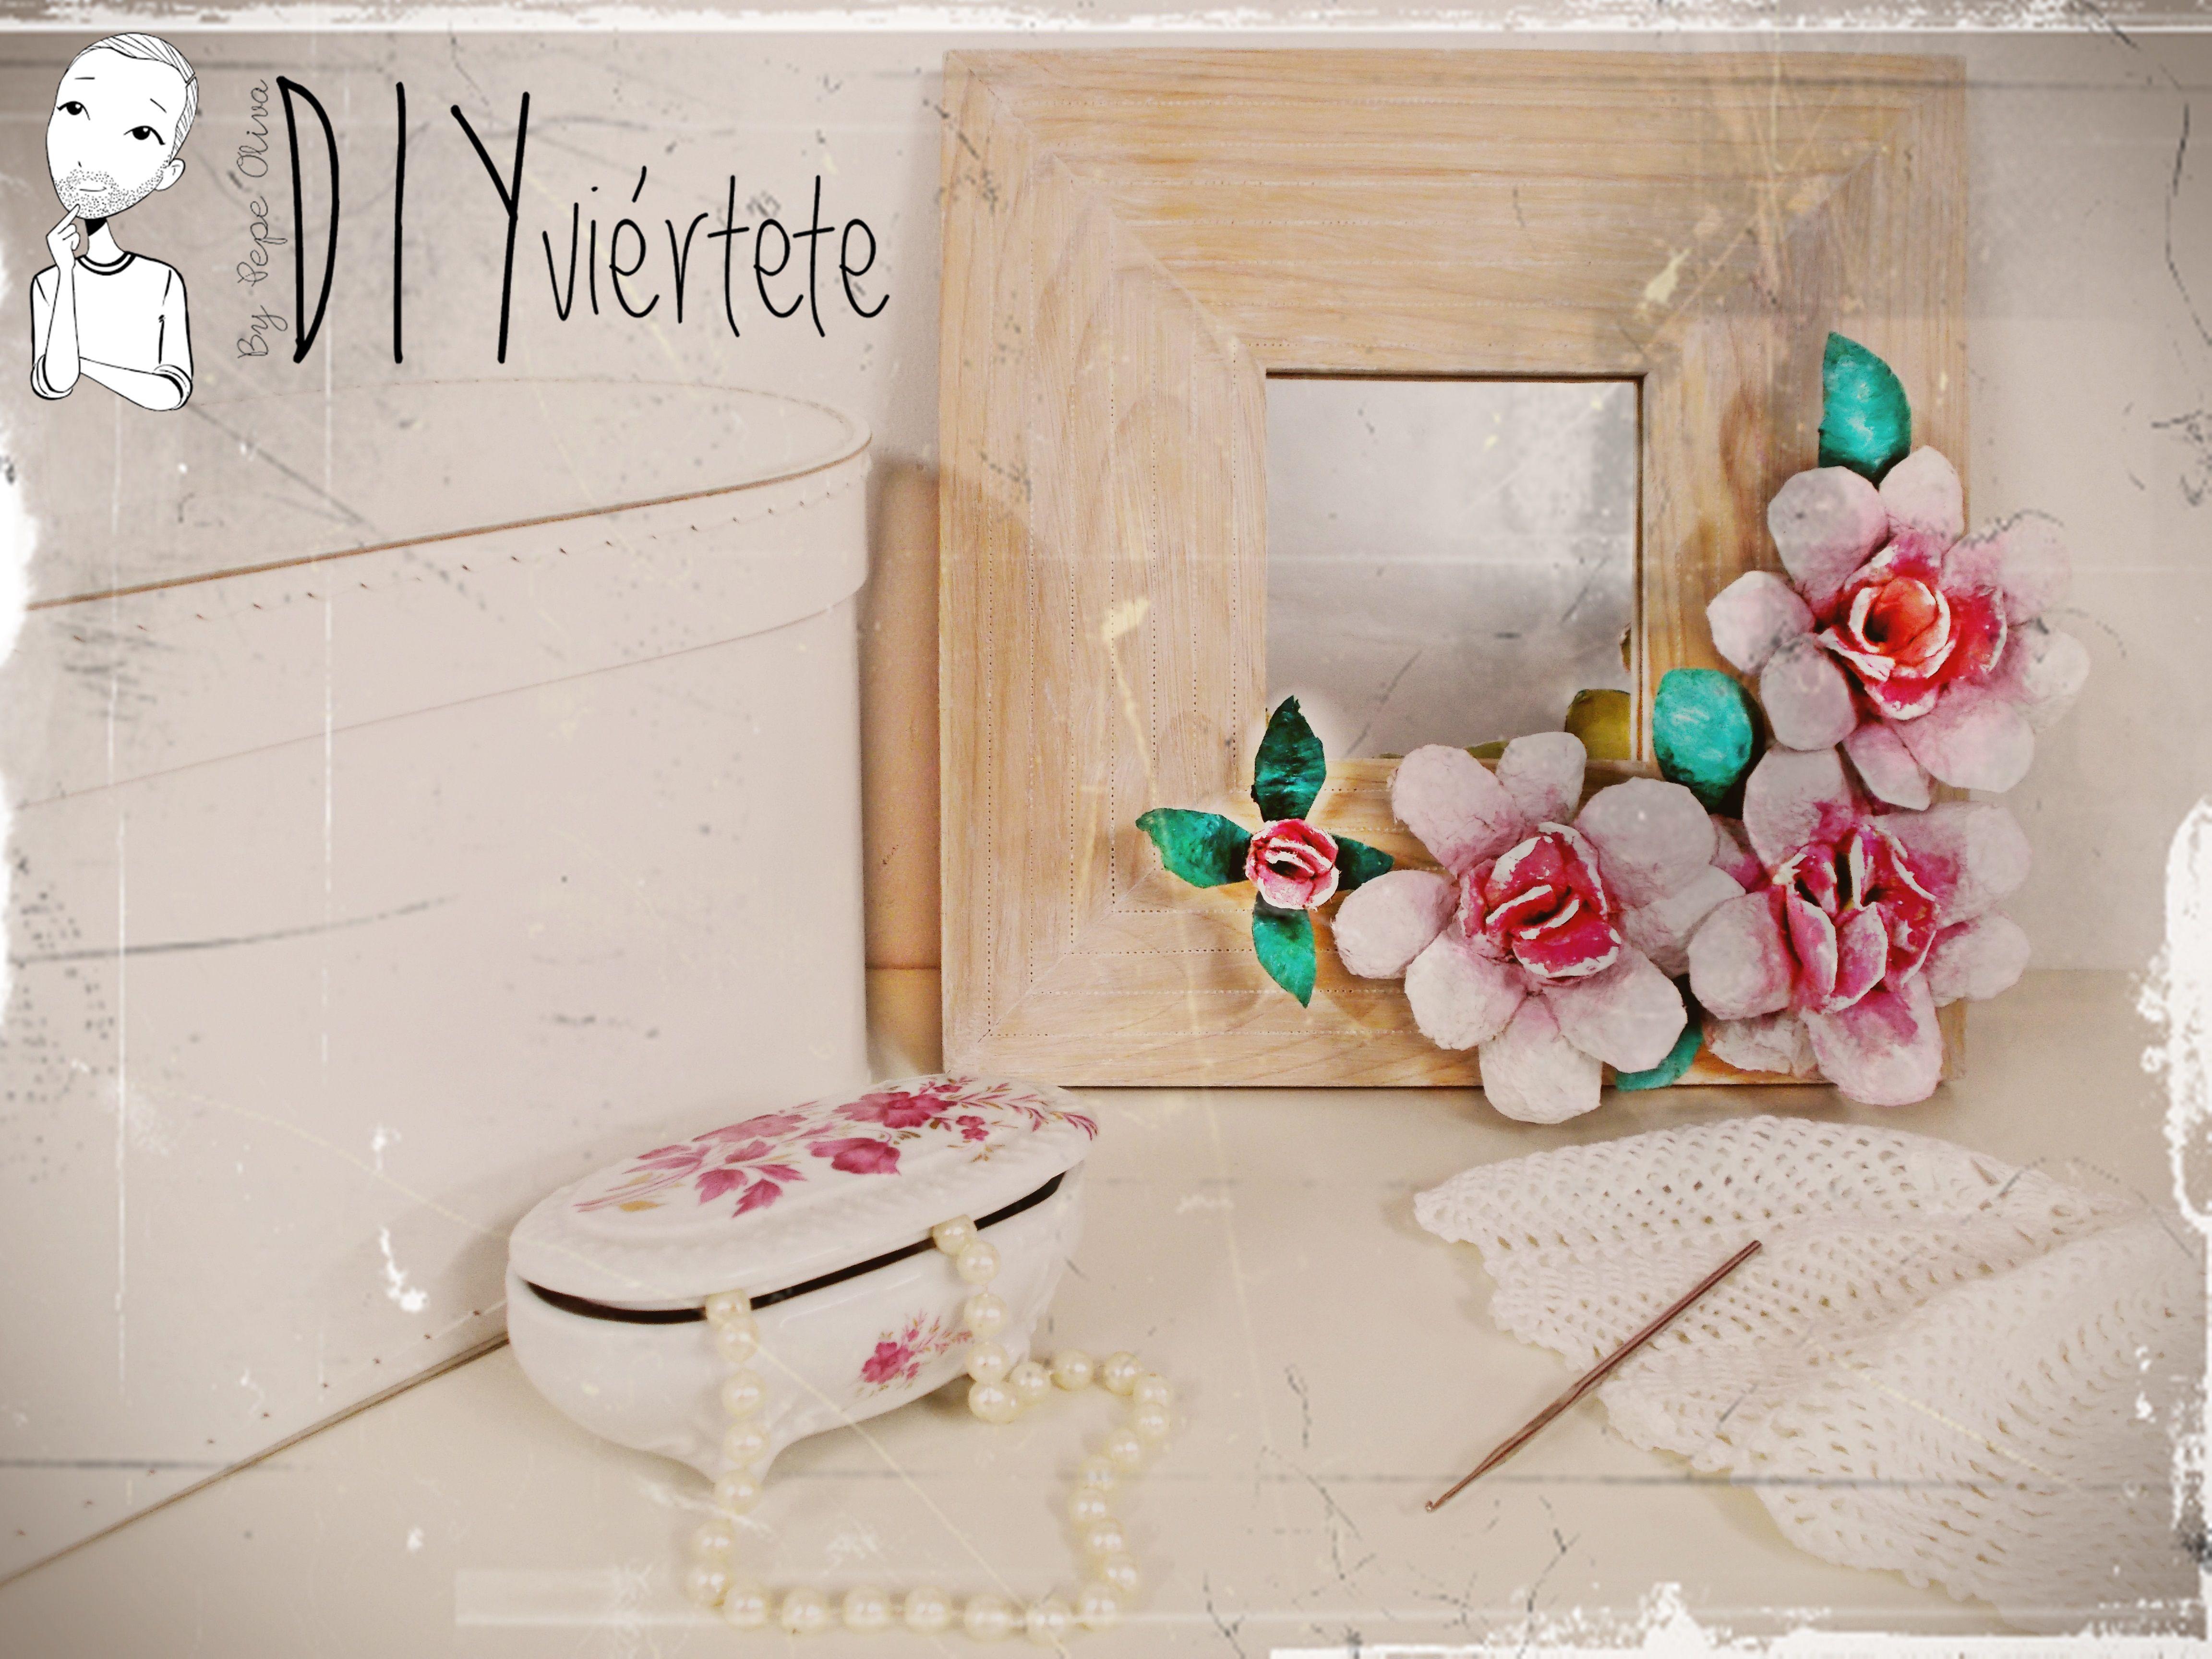 Reciclando hueveras de cart n para decorar un espejo - Manualidades con hueveras ...